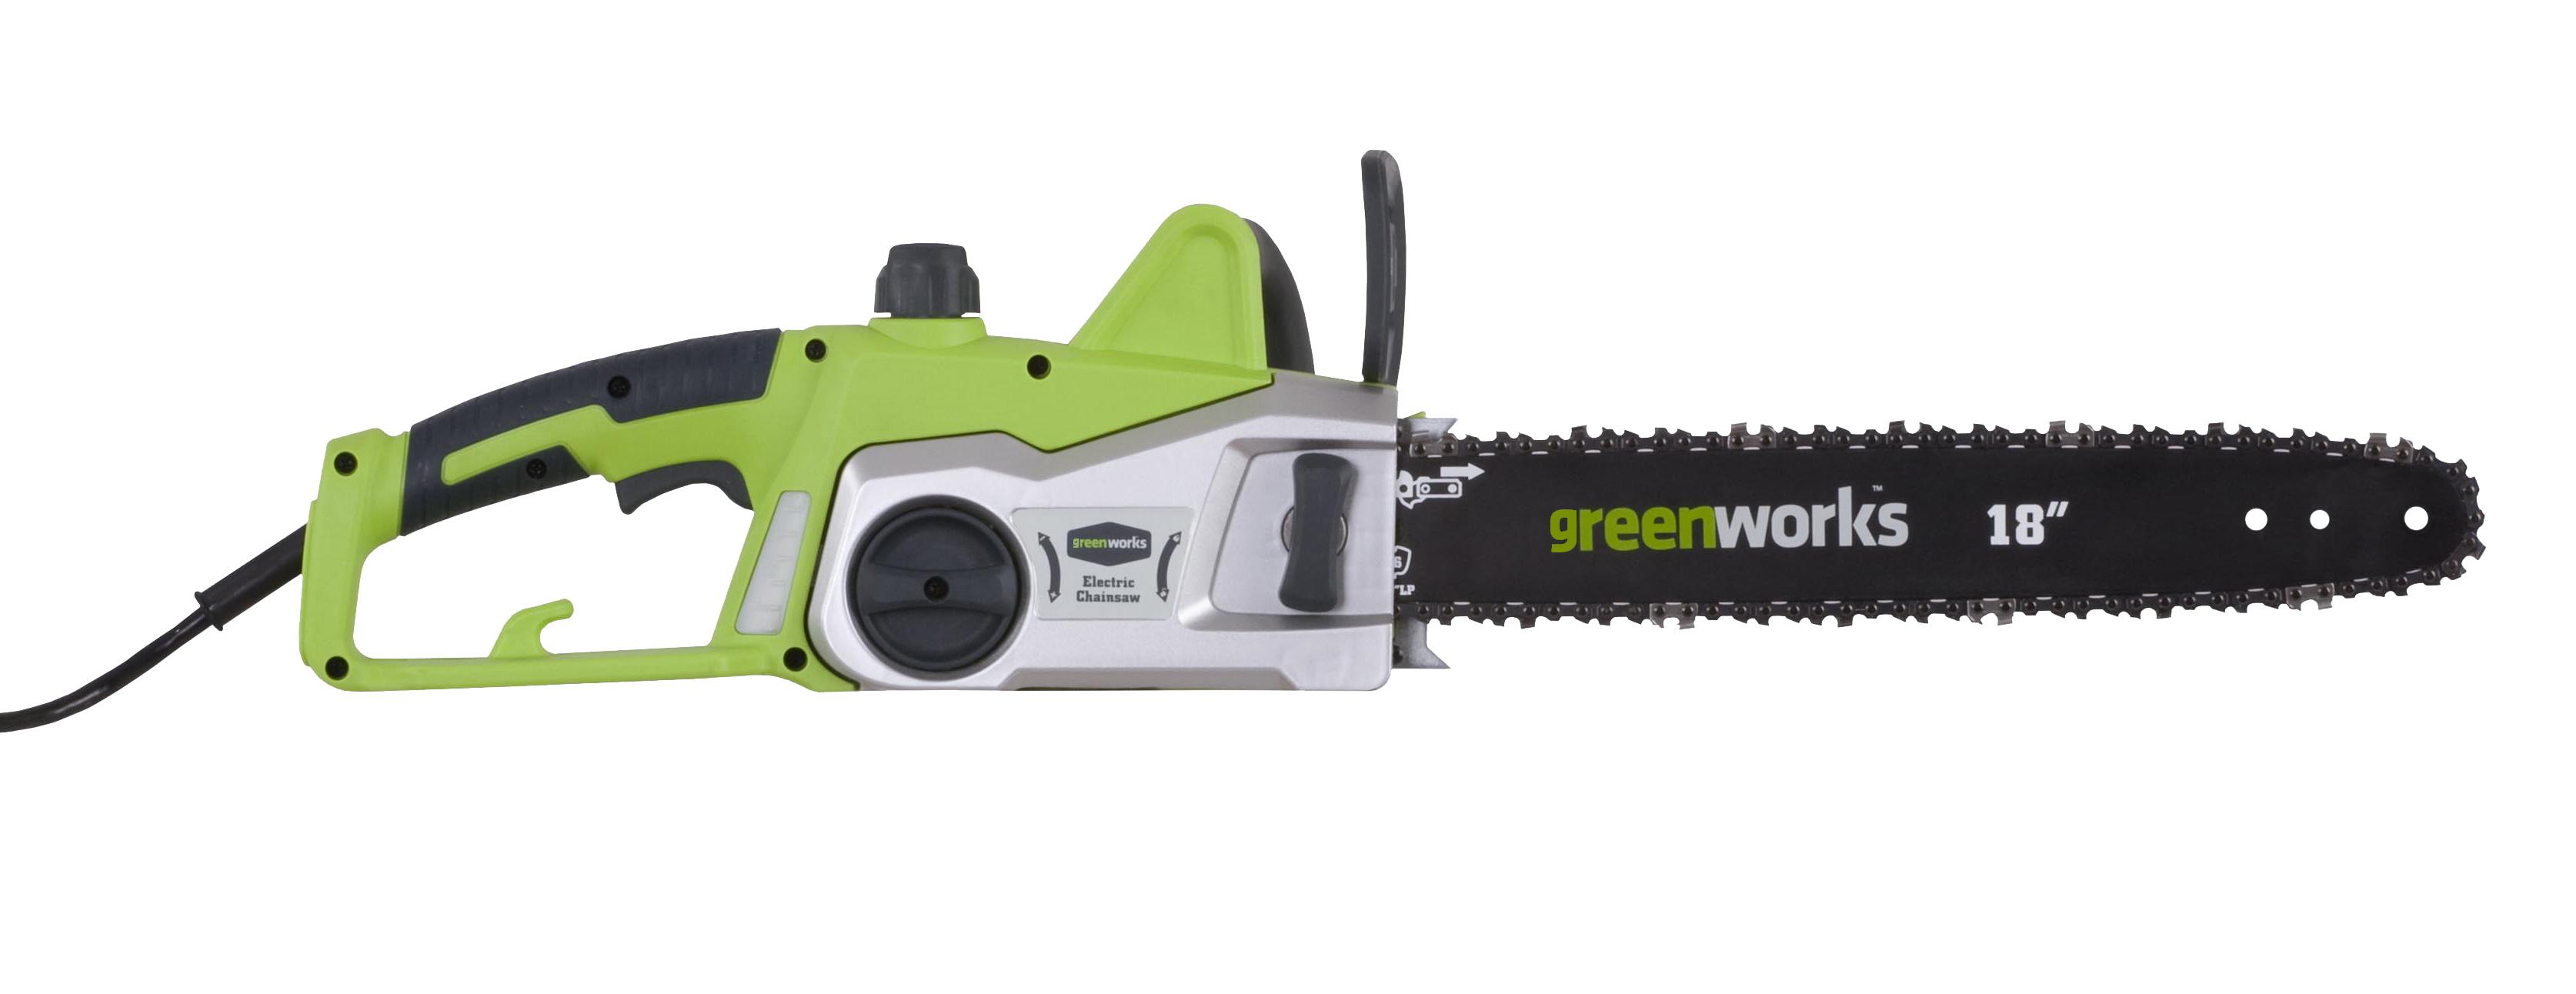 Greenworks GCS2046